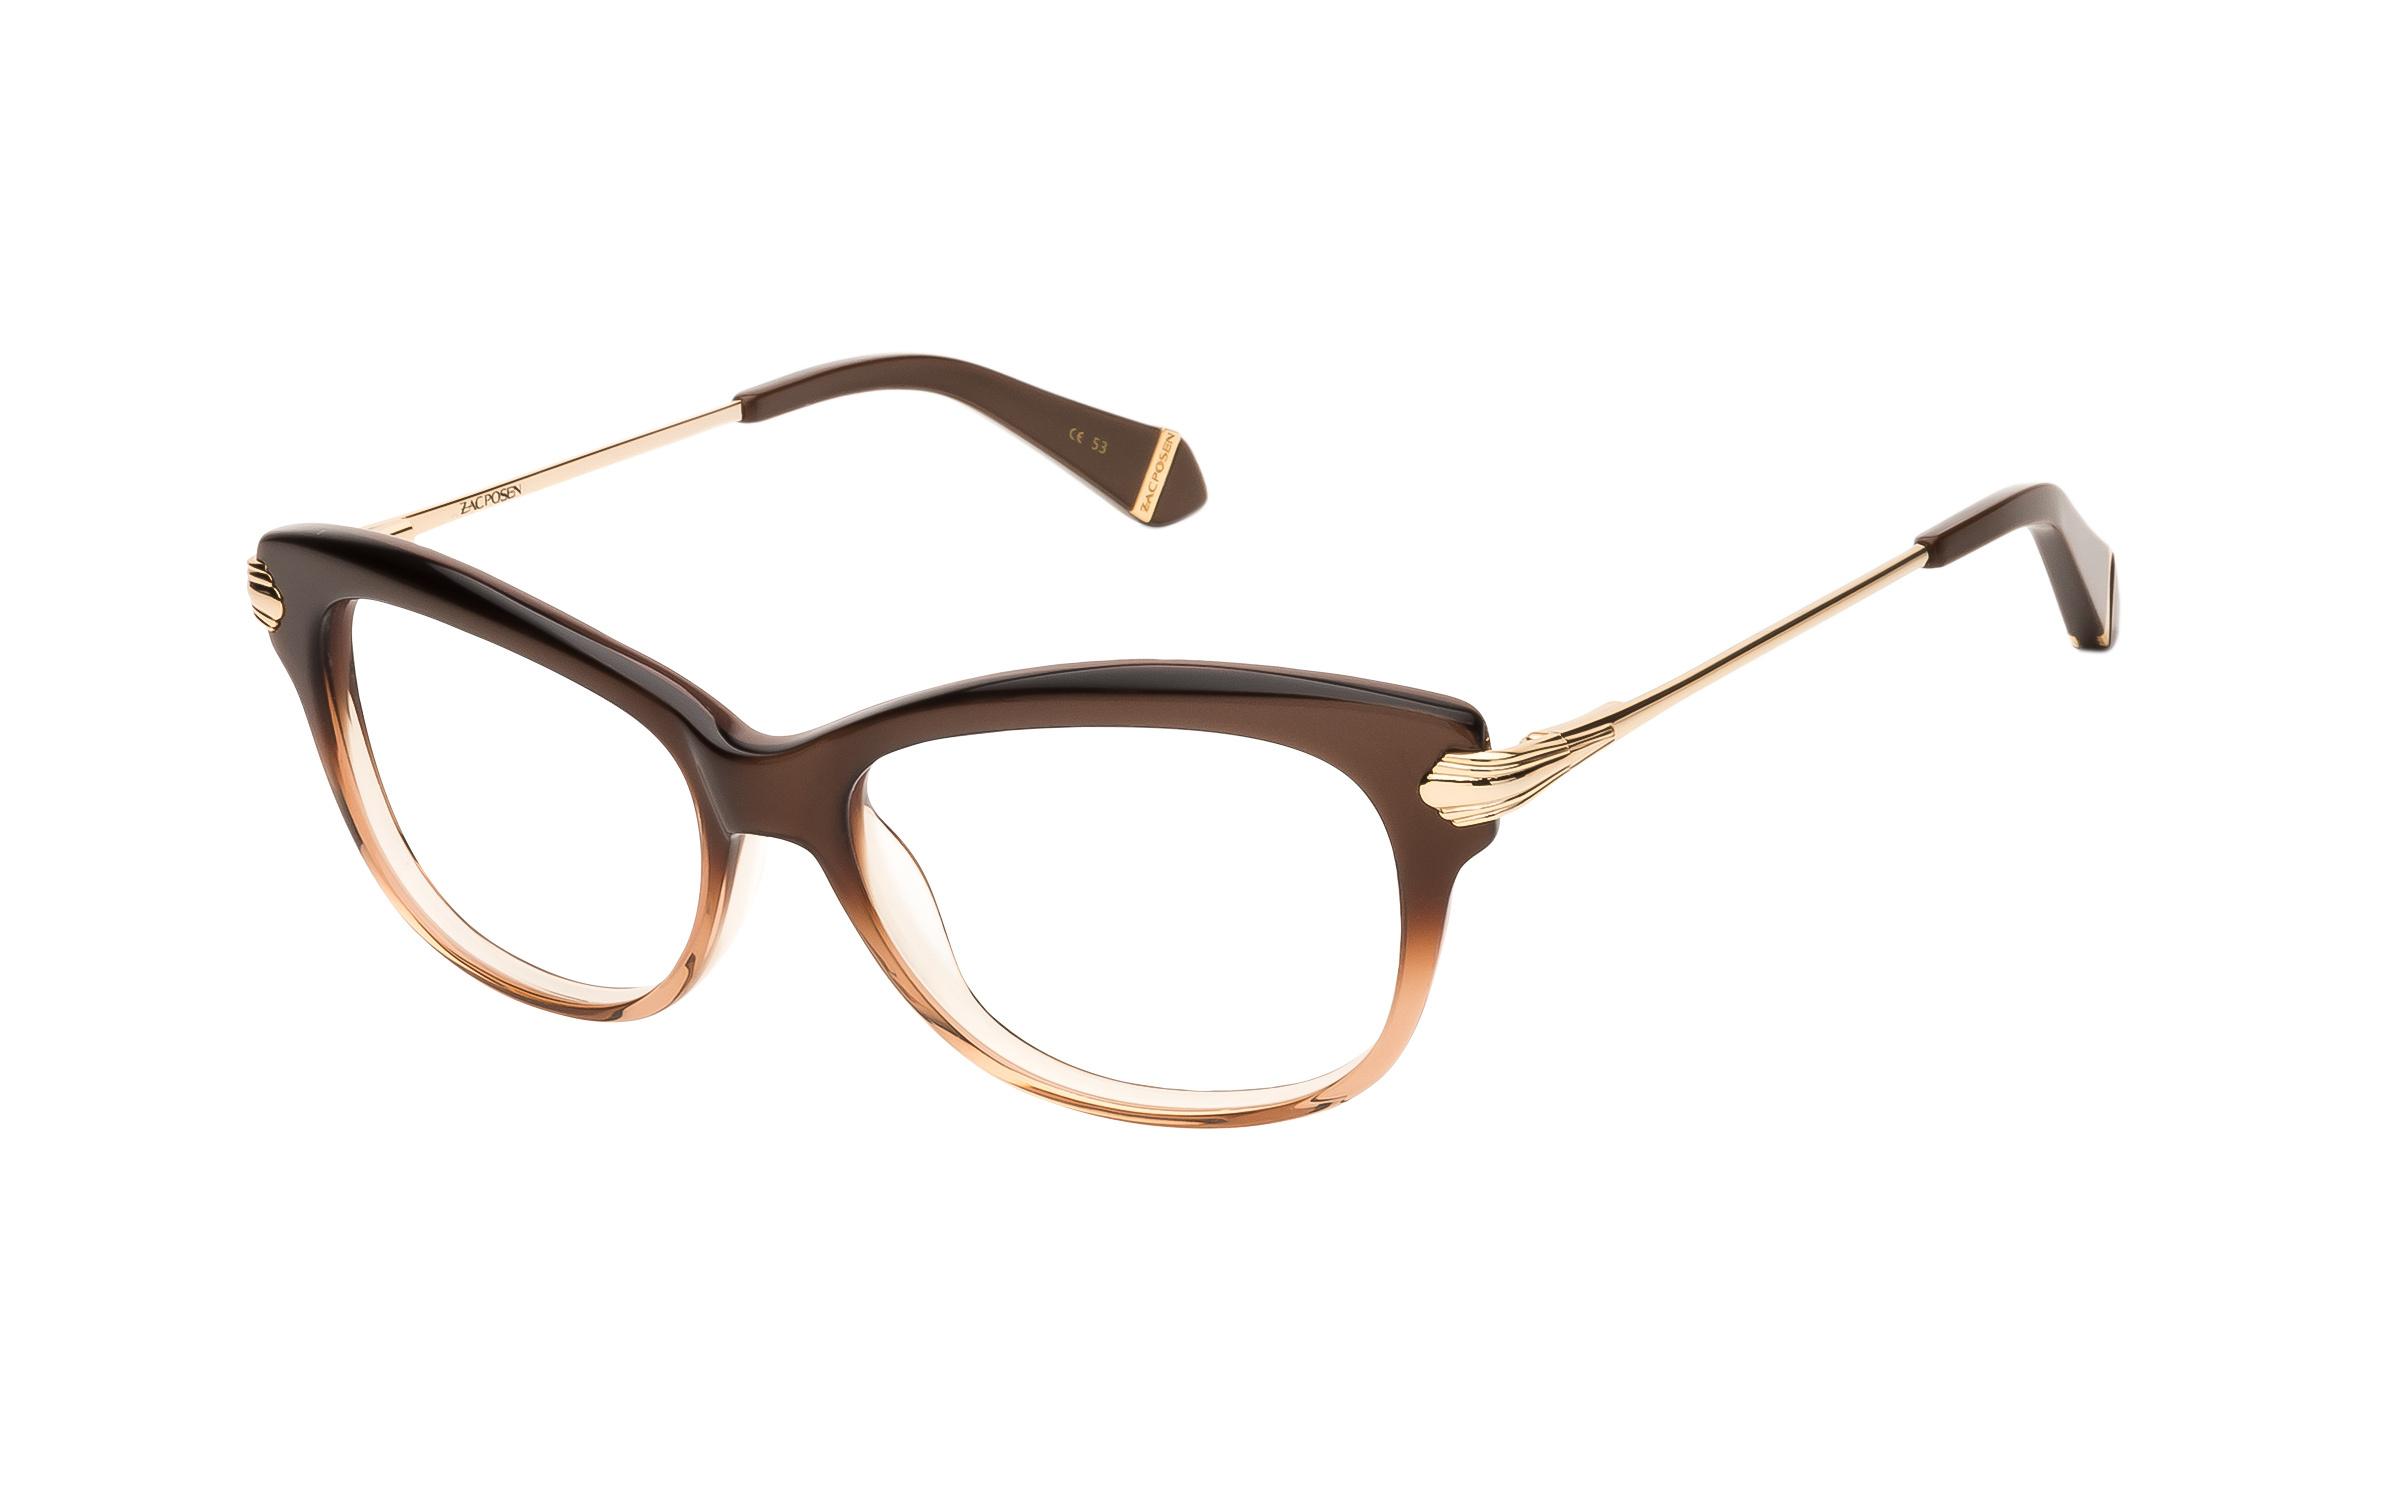 Zac Posen Lisa (53) Eyeglasses and Frame in Brown/Clear   Metal - Online